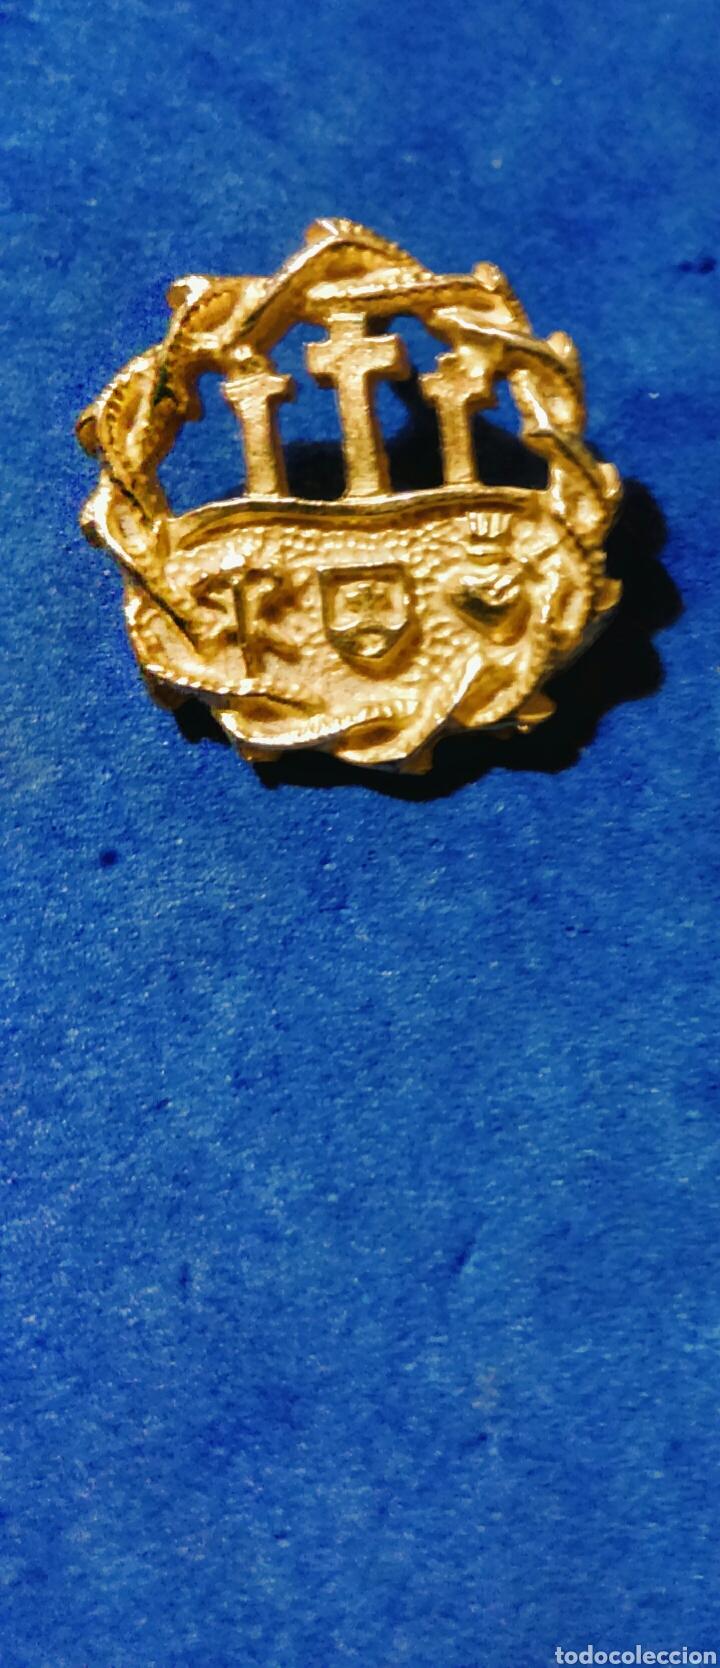 PIN ESCUDO CORONA RELIGIOSO TRES CRUCES CORAZÓN DORADO (Antigüedades - Religiosas - Varios)